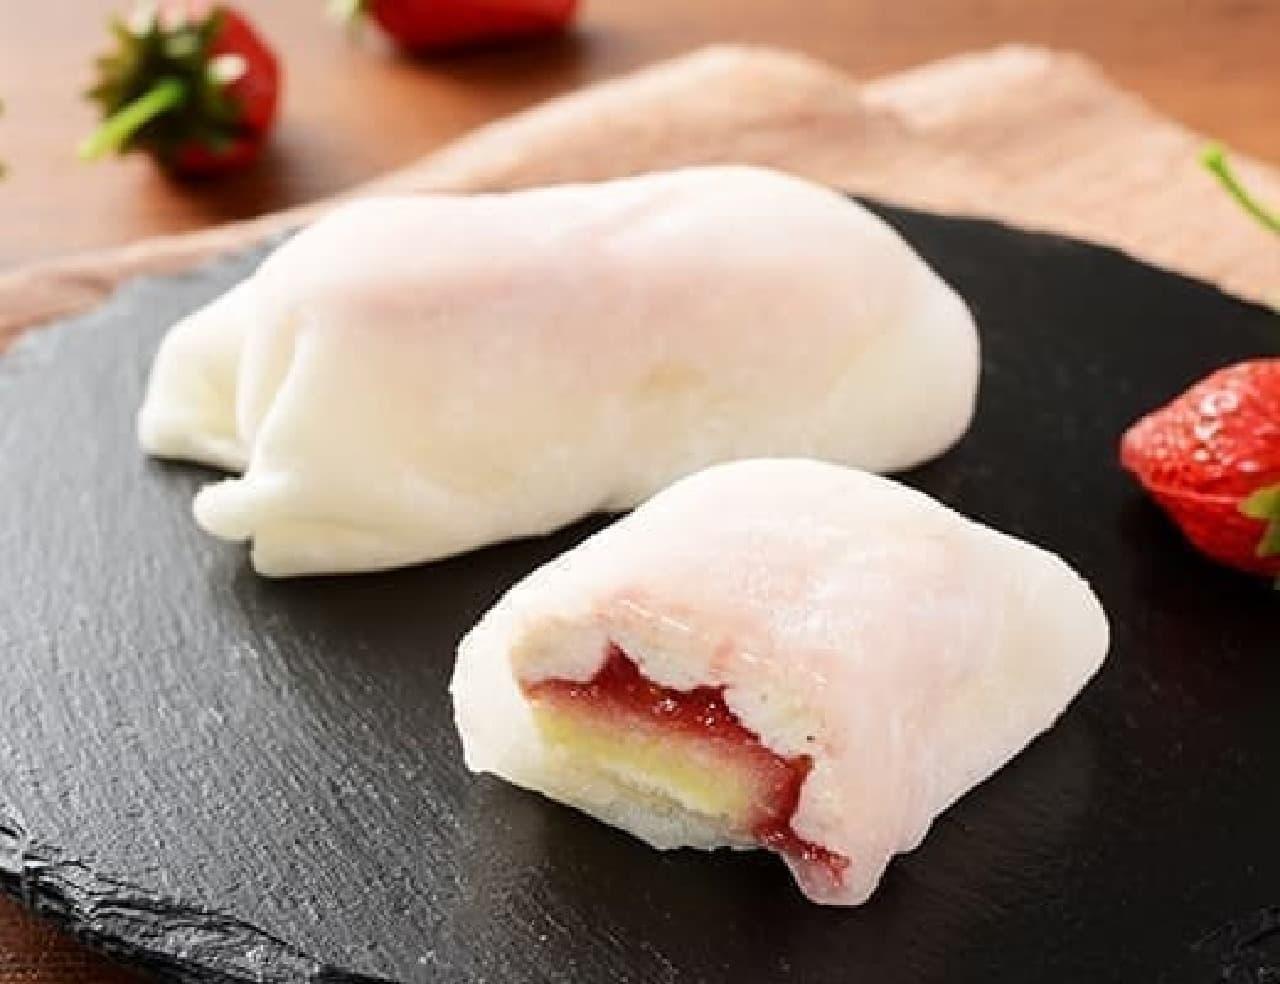 ローソン「モチクルン -おもちでくるん苺レアチーズ-」